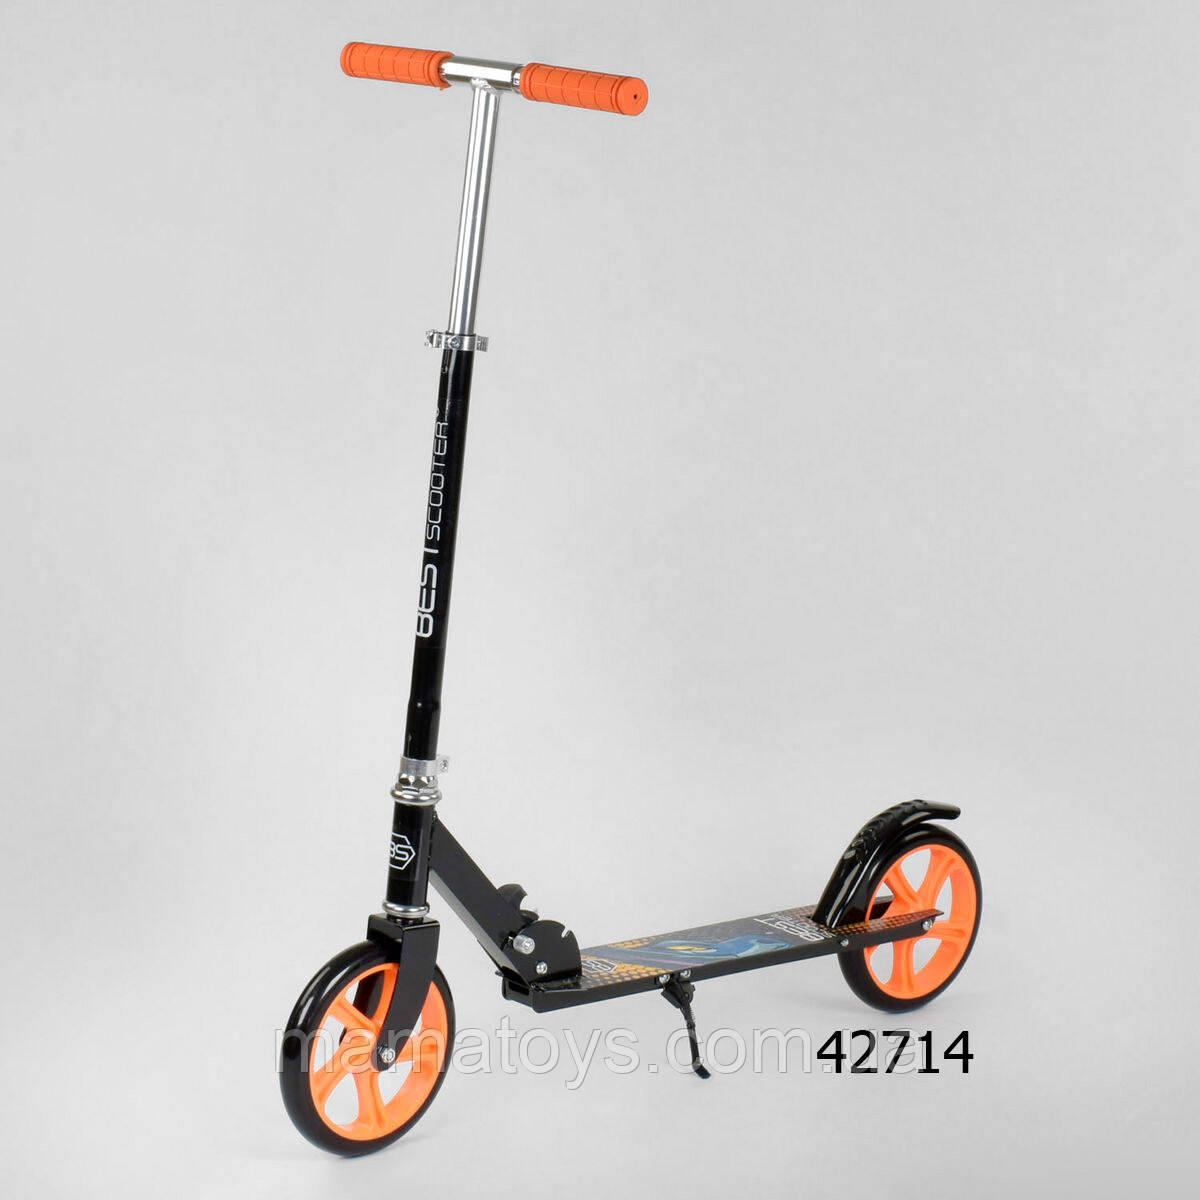 Самокат двухколесный Best Scooter 42714 Оранжевый. Большие Колеса PU - 200 мм